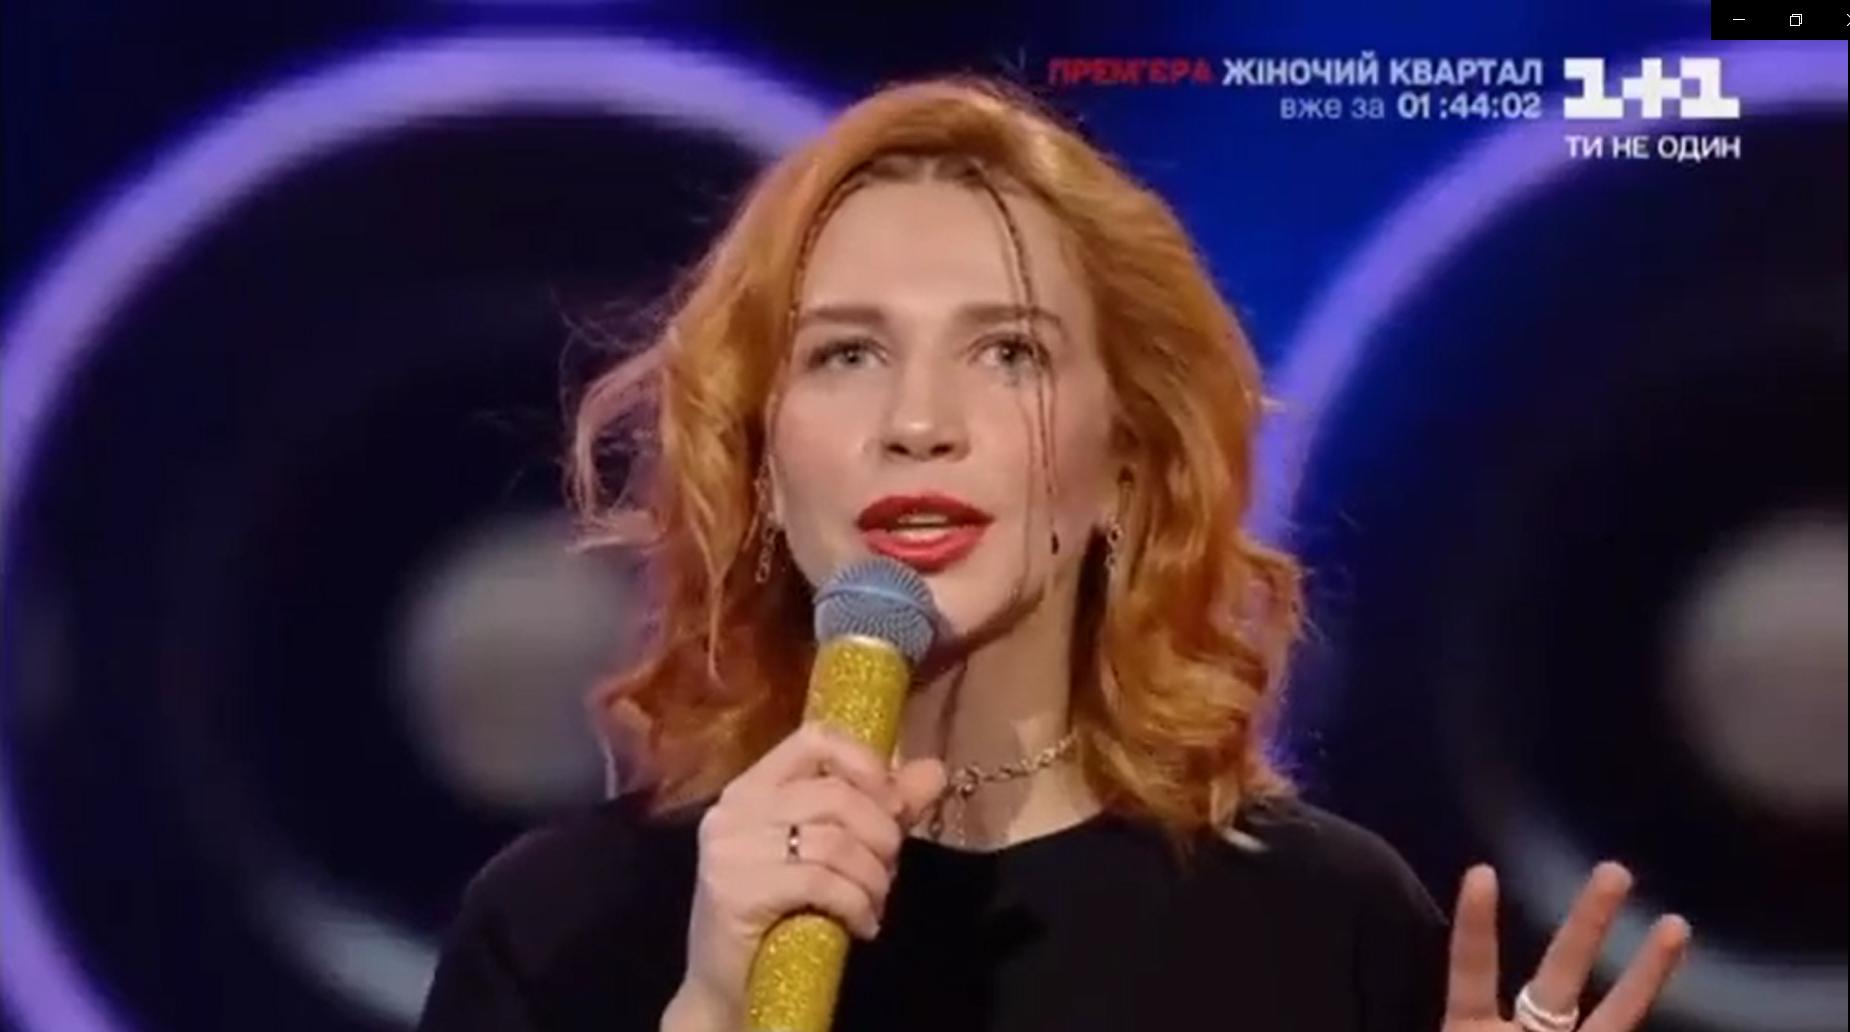 Яна Заец вспомнила, как снимала квартиру с Тиной Кароль